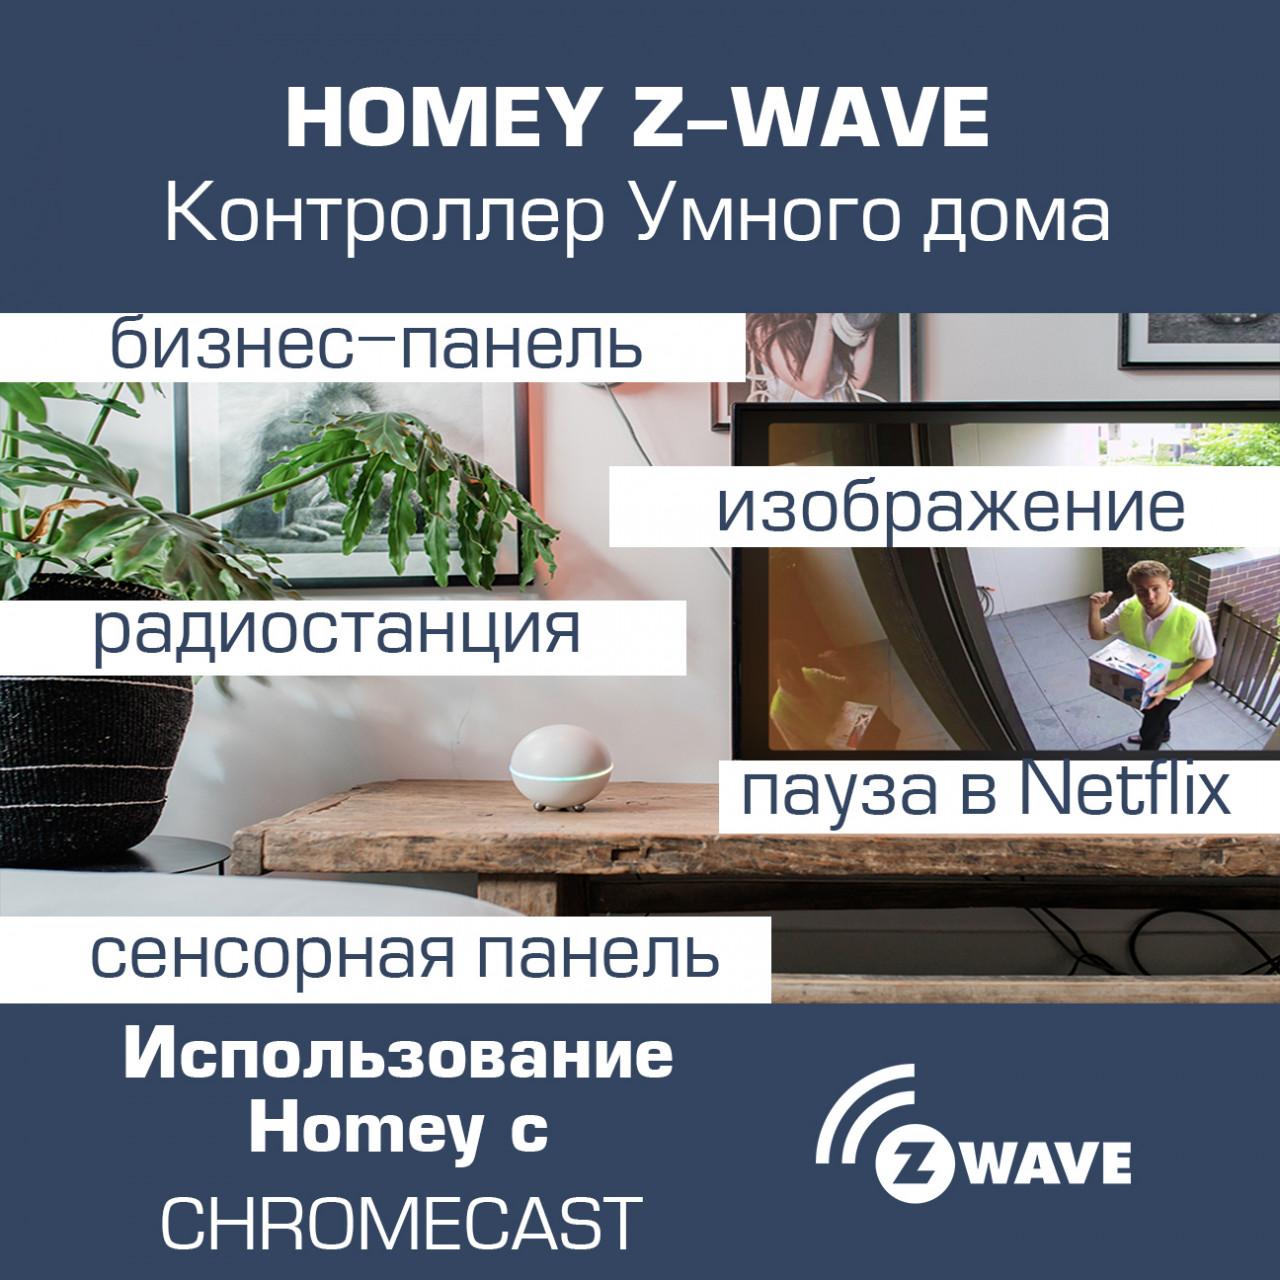 Пять интересных идей с Chromecast и Homey